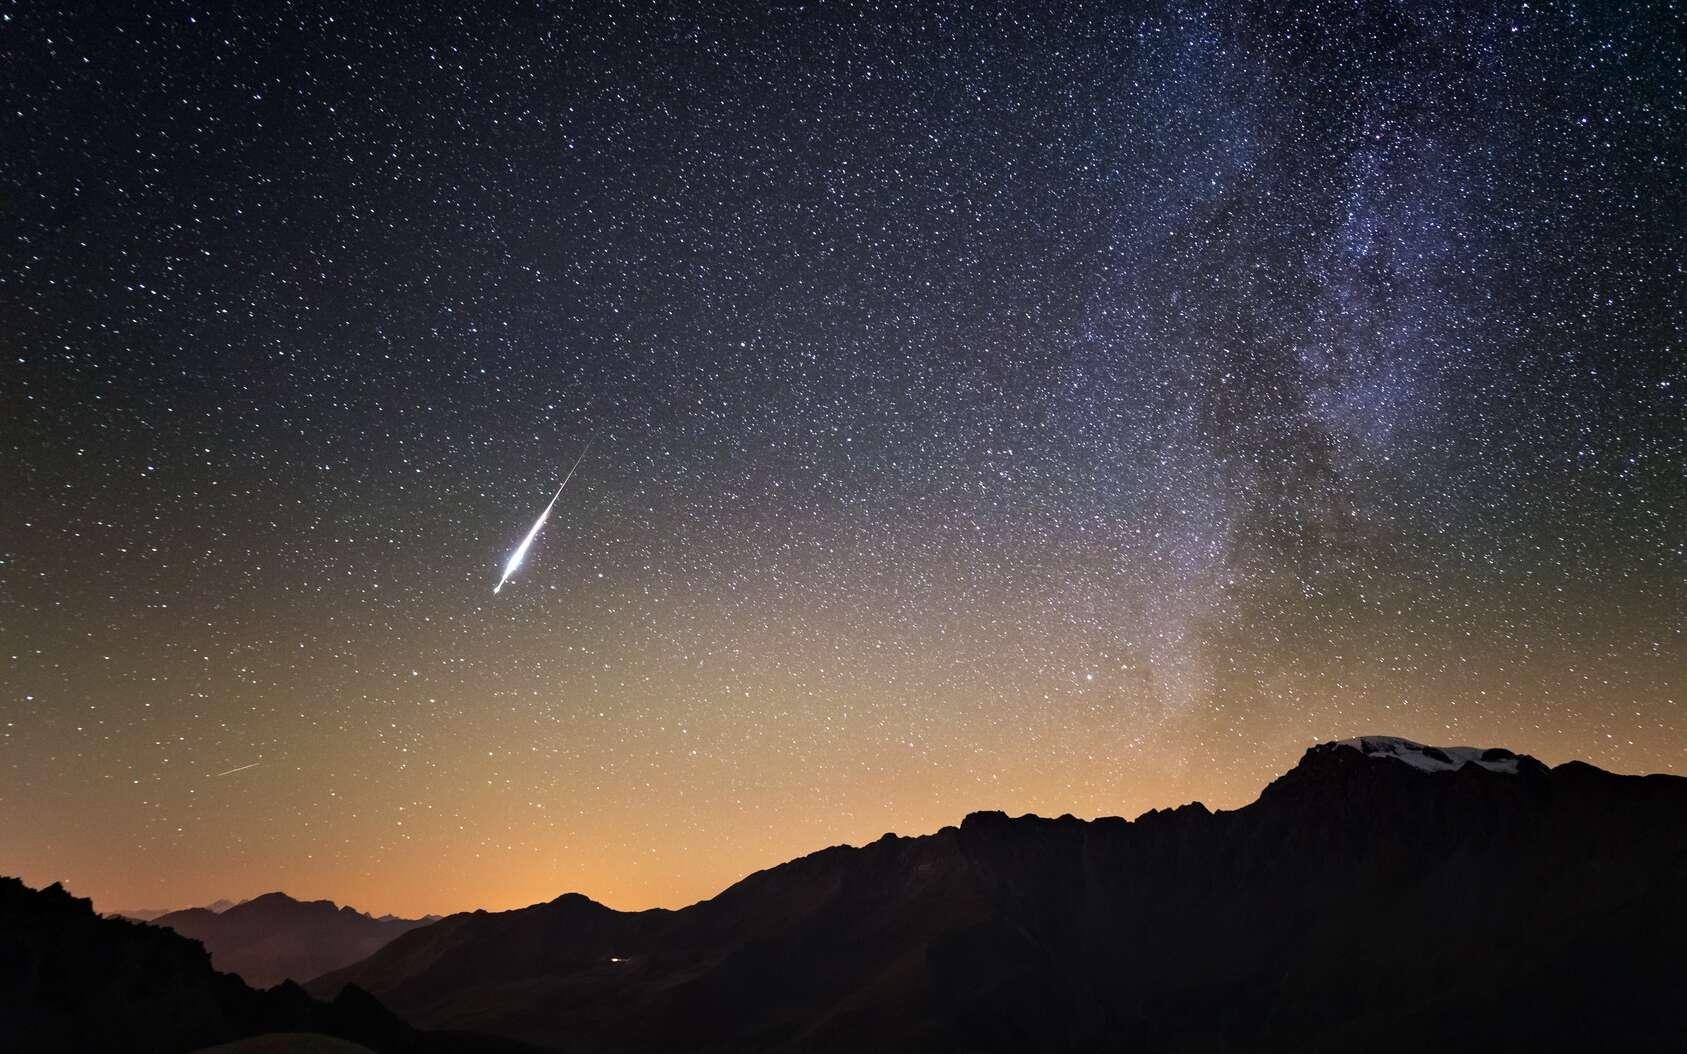 Cher Jean-Luc, bon voyage parmi les étoiles... © Fabio Lamanna, Fotolia